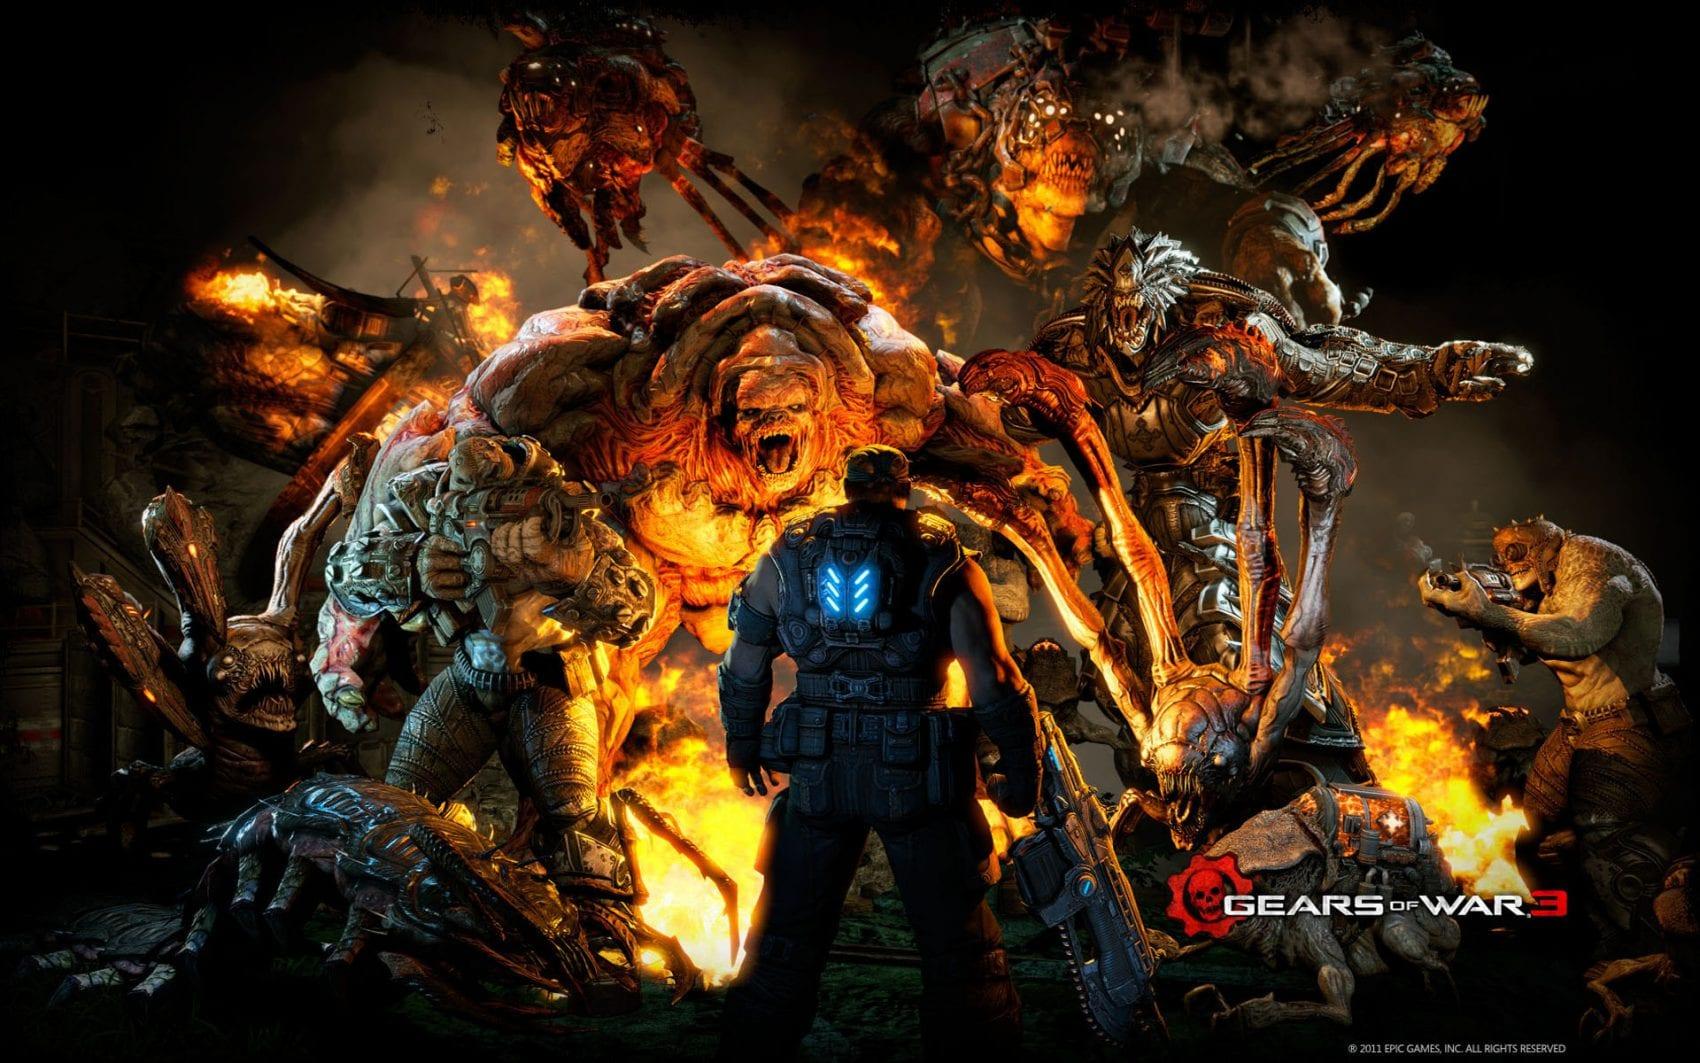 gear-of-war-film-news-my-geek-actu-2